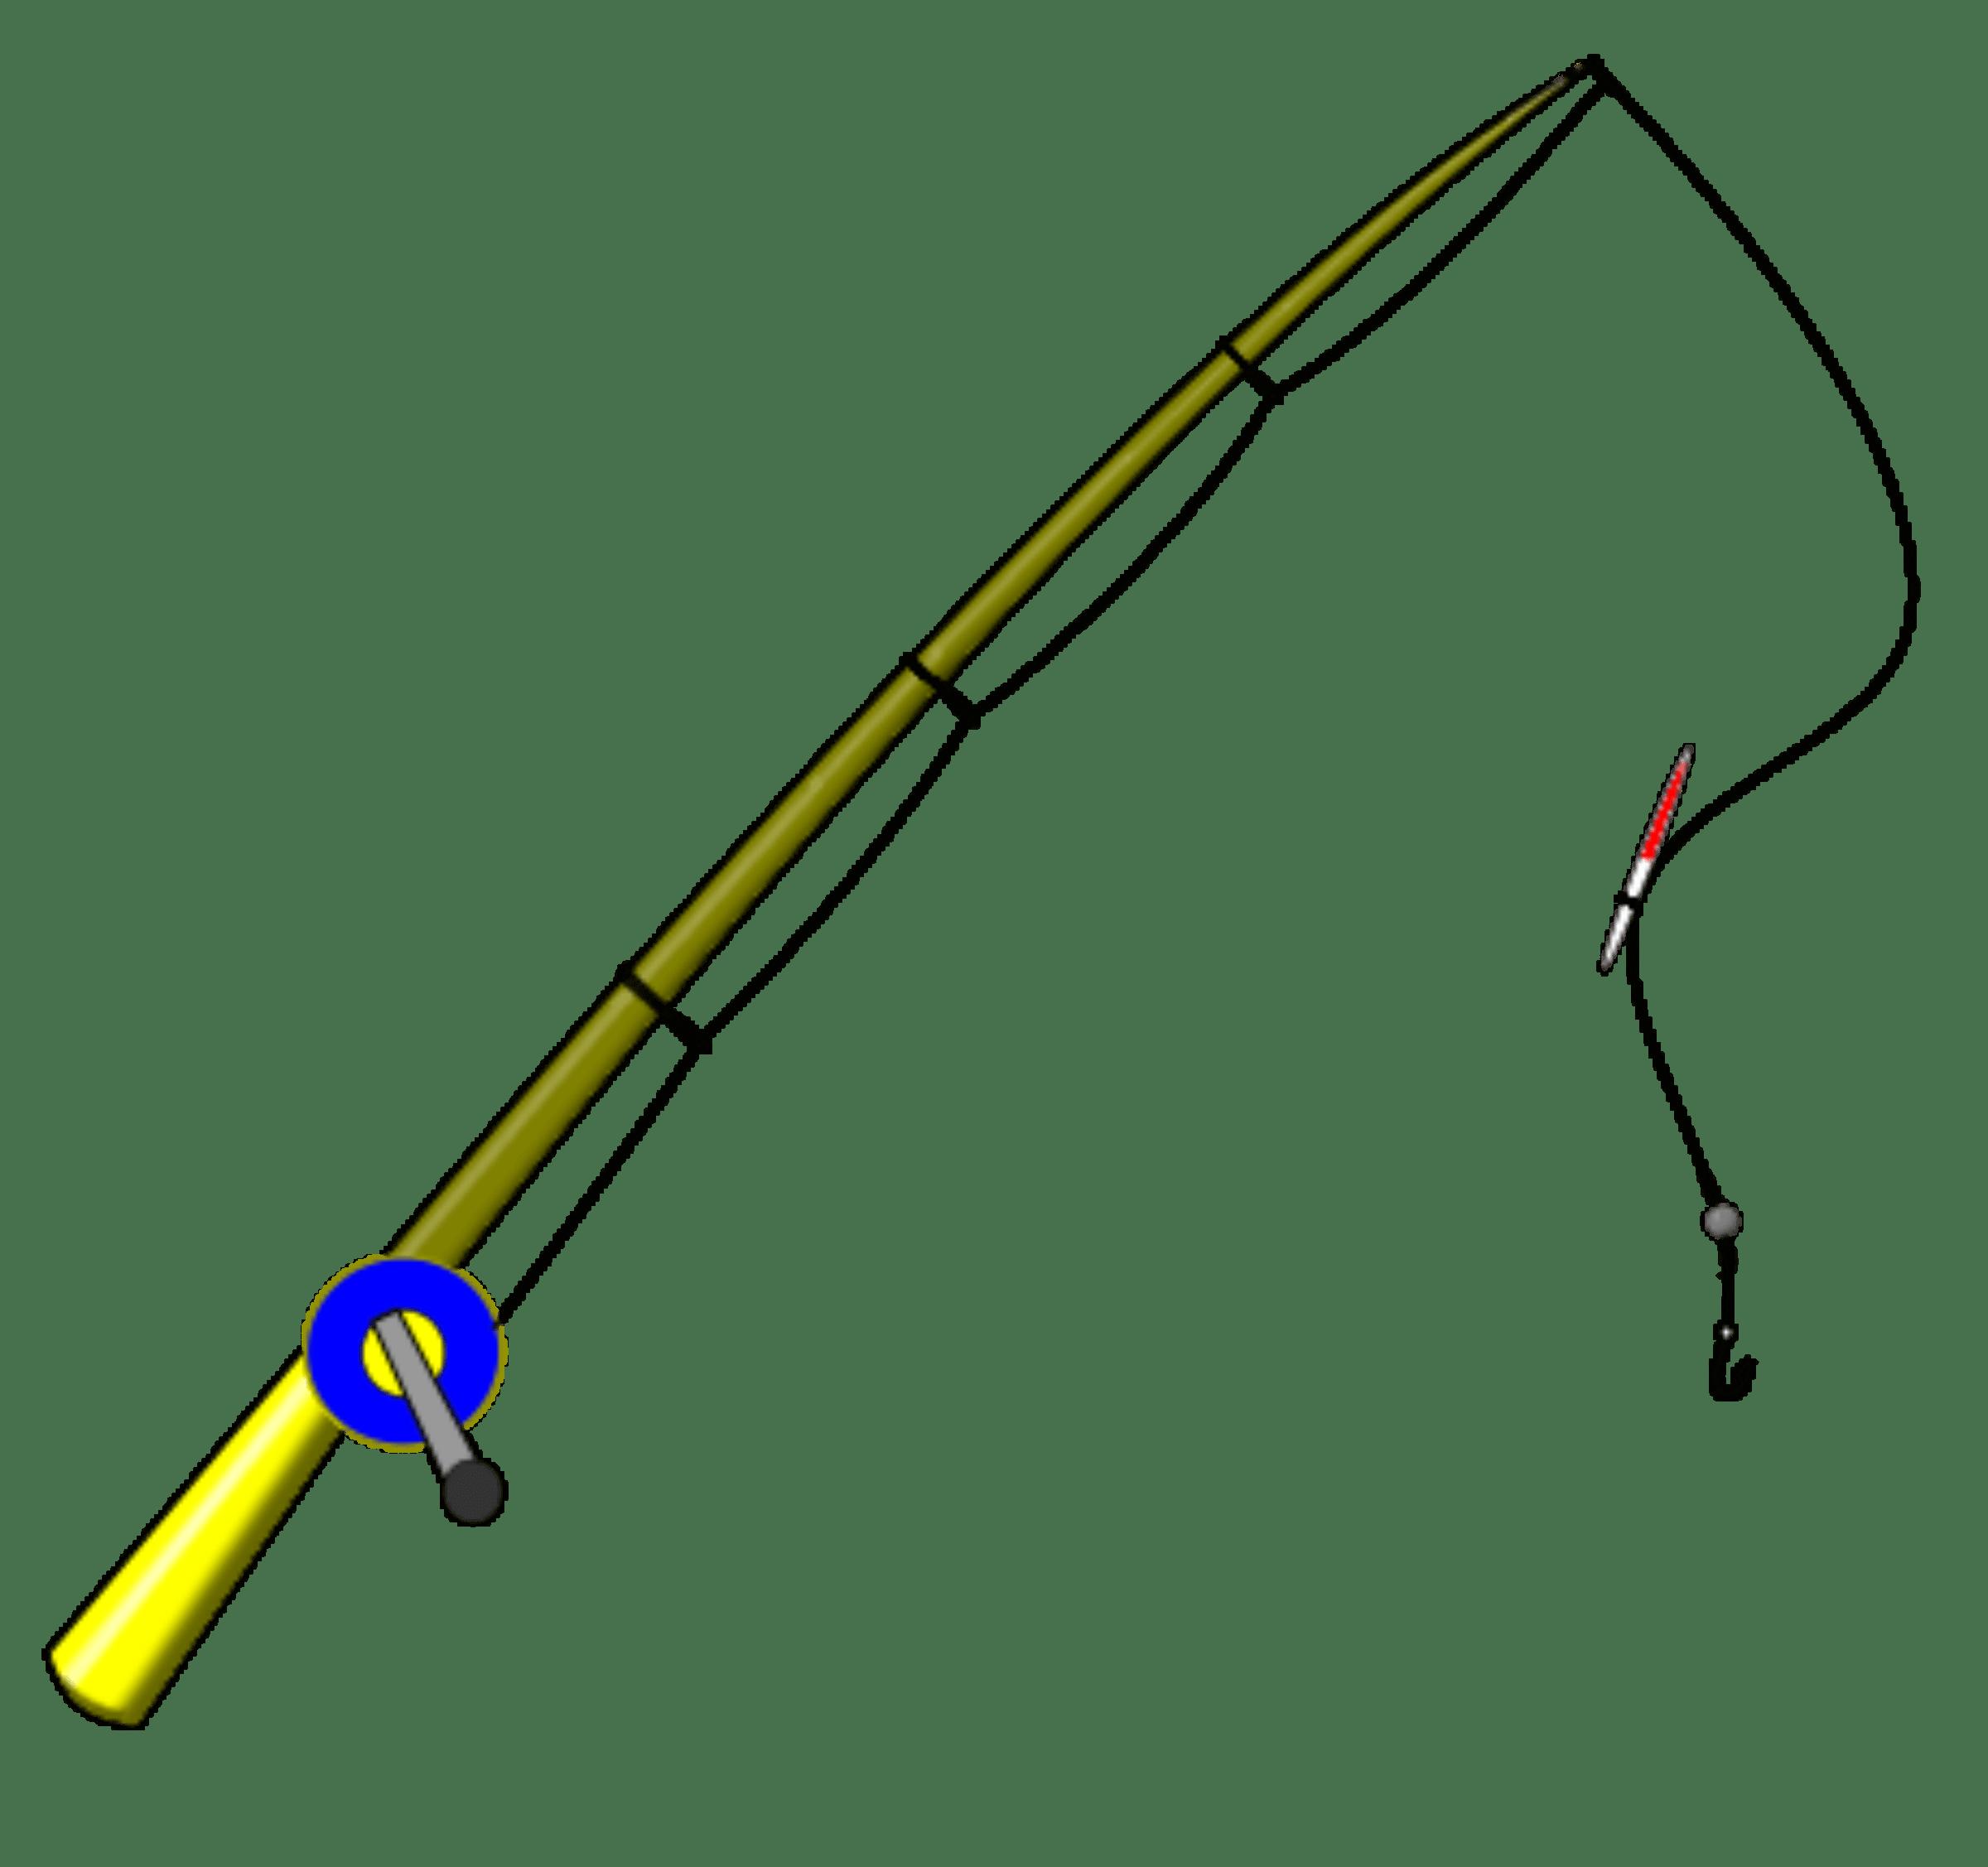 Png Fishing Rod Fish Silhouette Fishing Pole Tshirt Printing Design